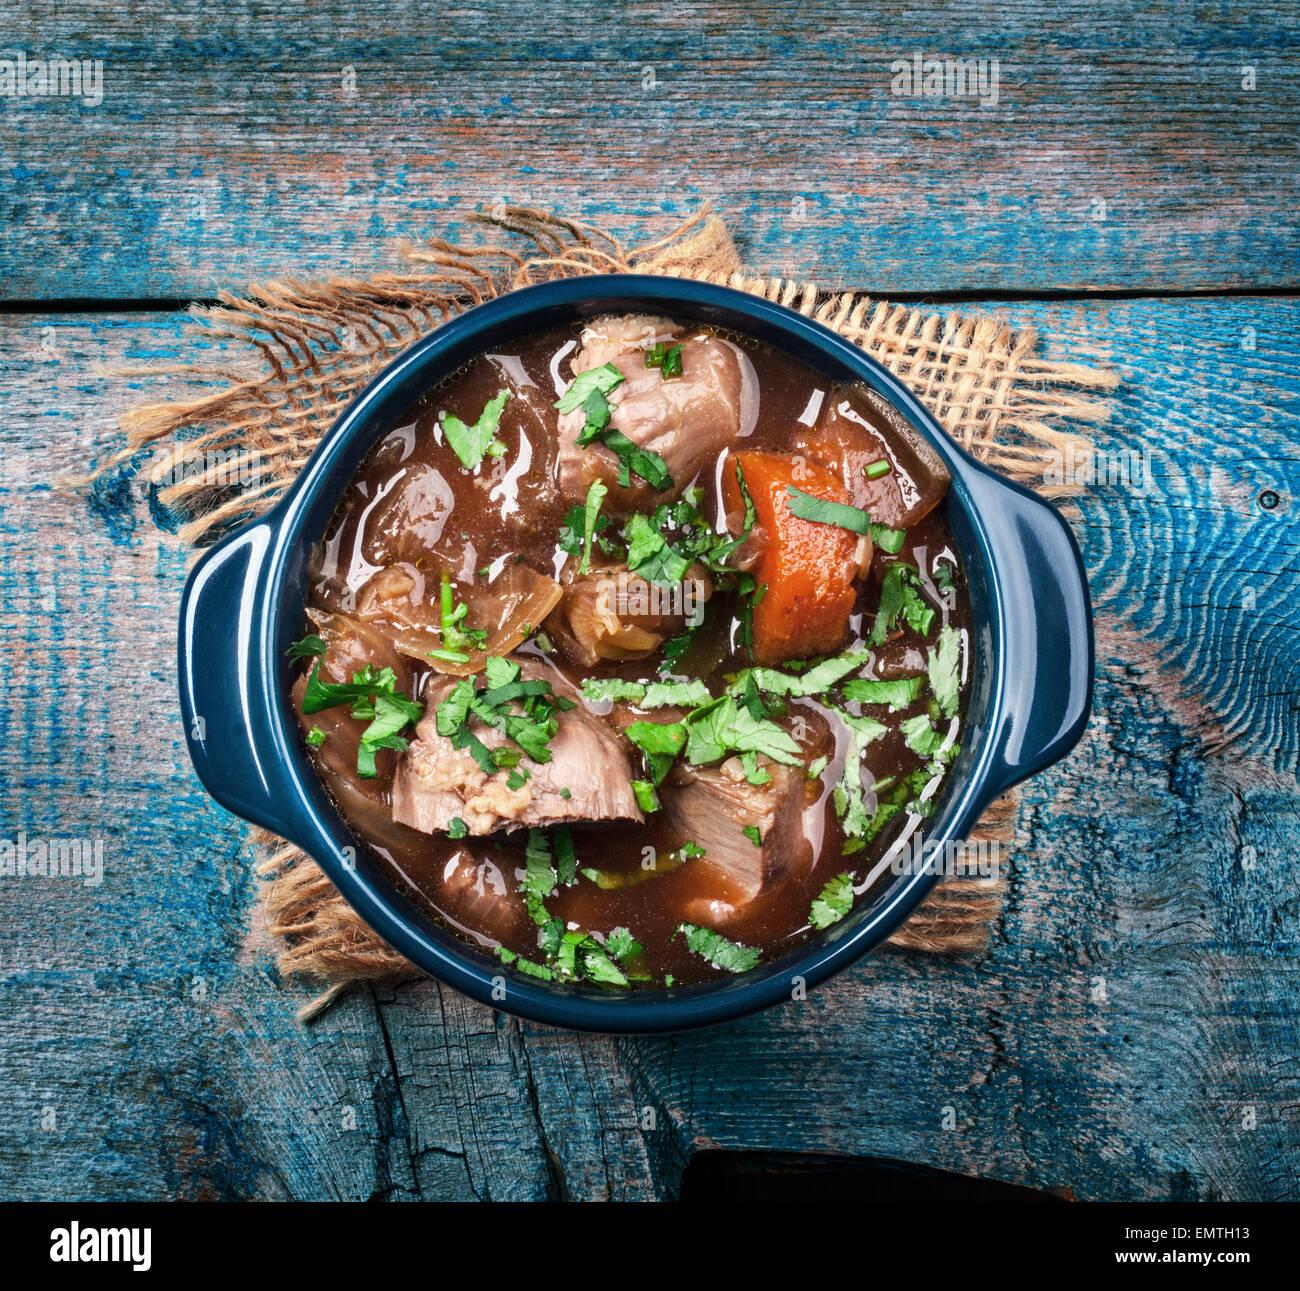 Guiso de carne con verduras y hierbas en mesa de madera antigua Imagen De Stock